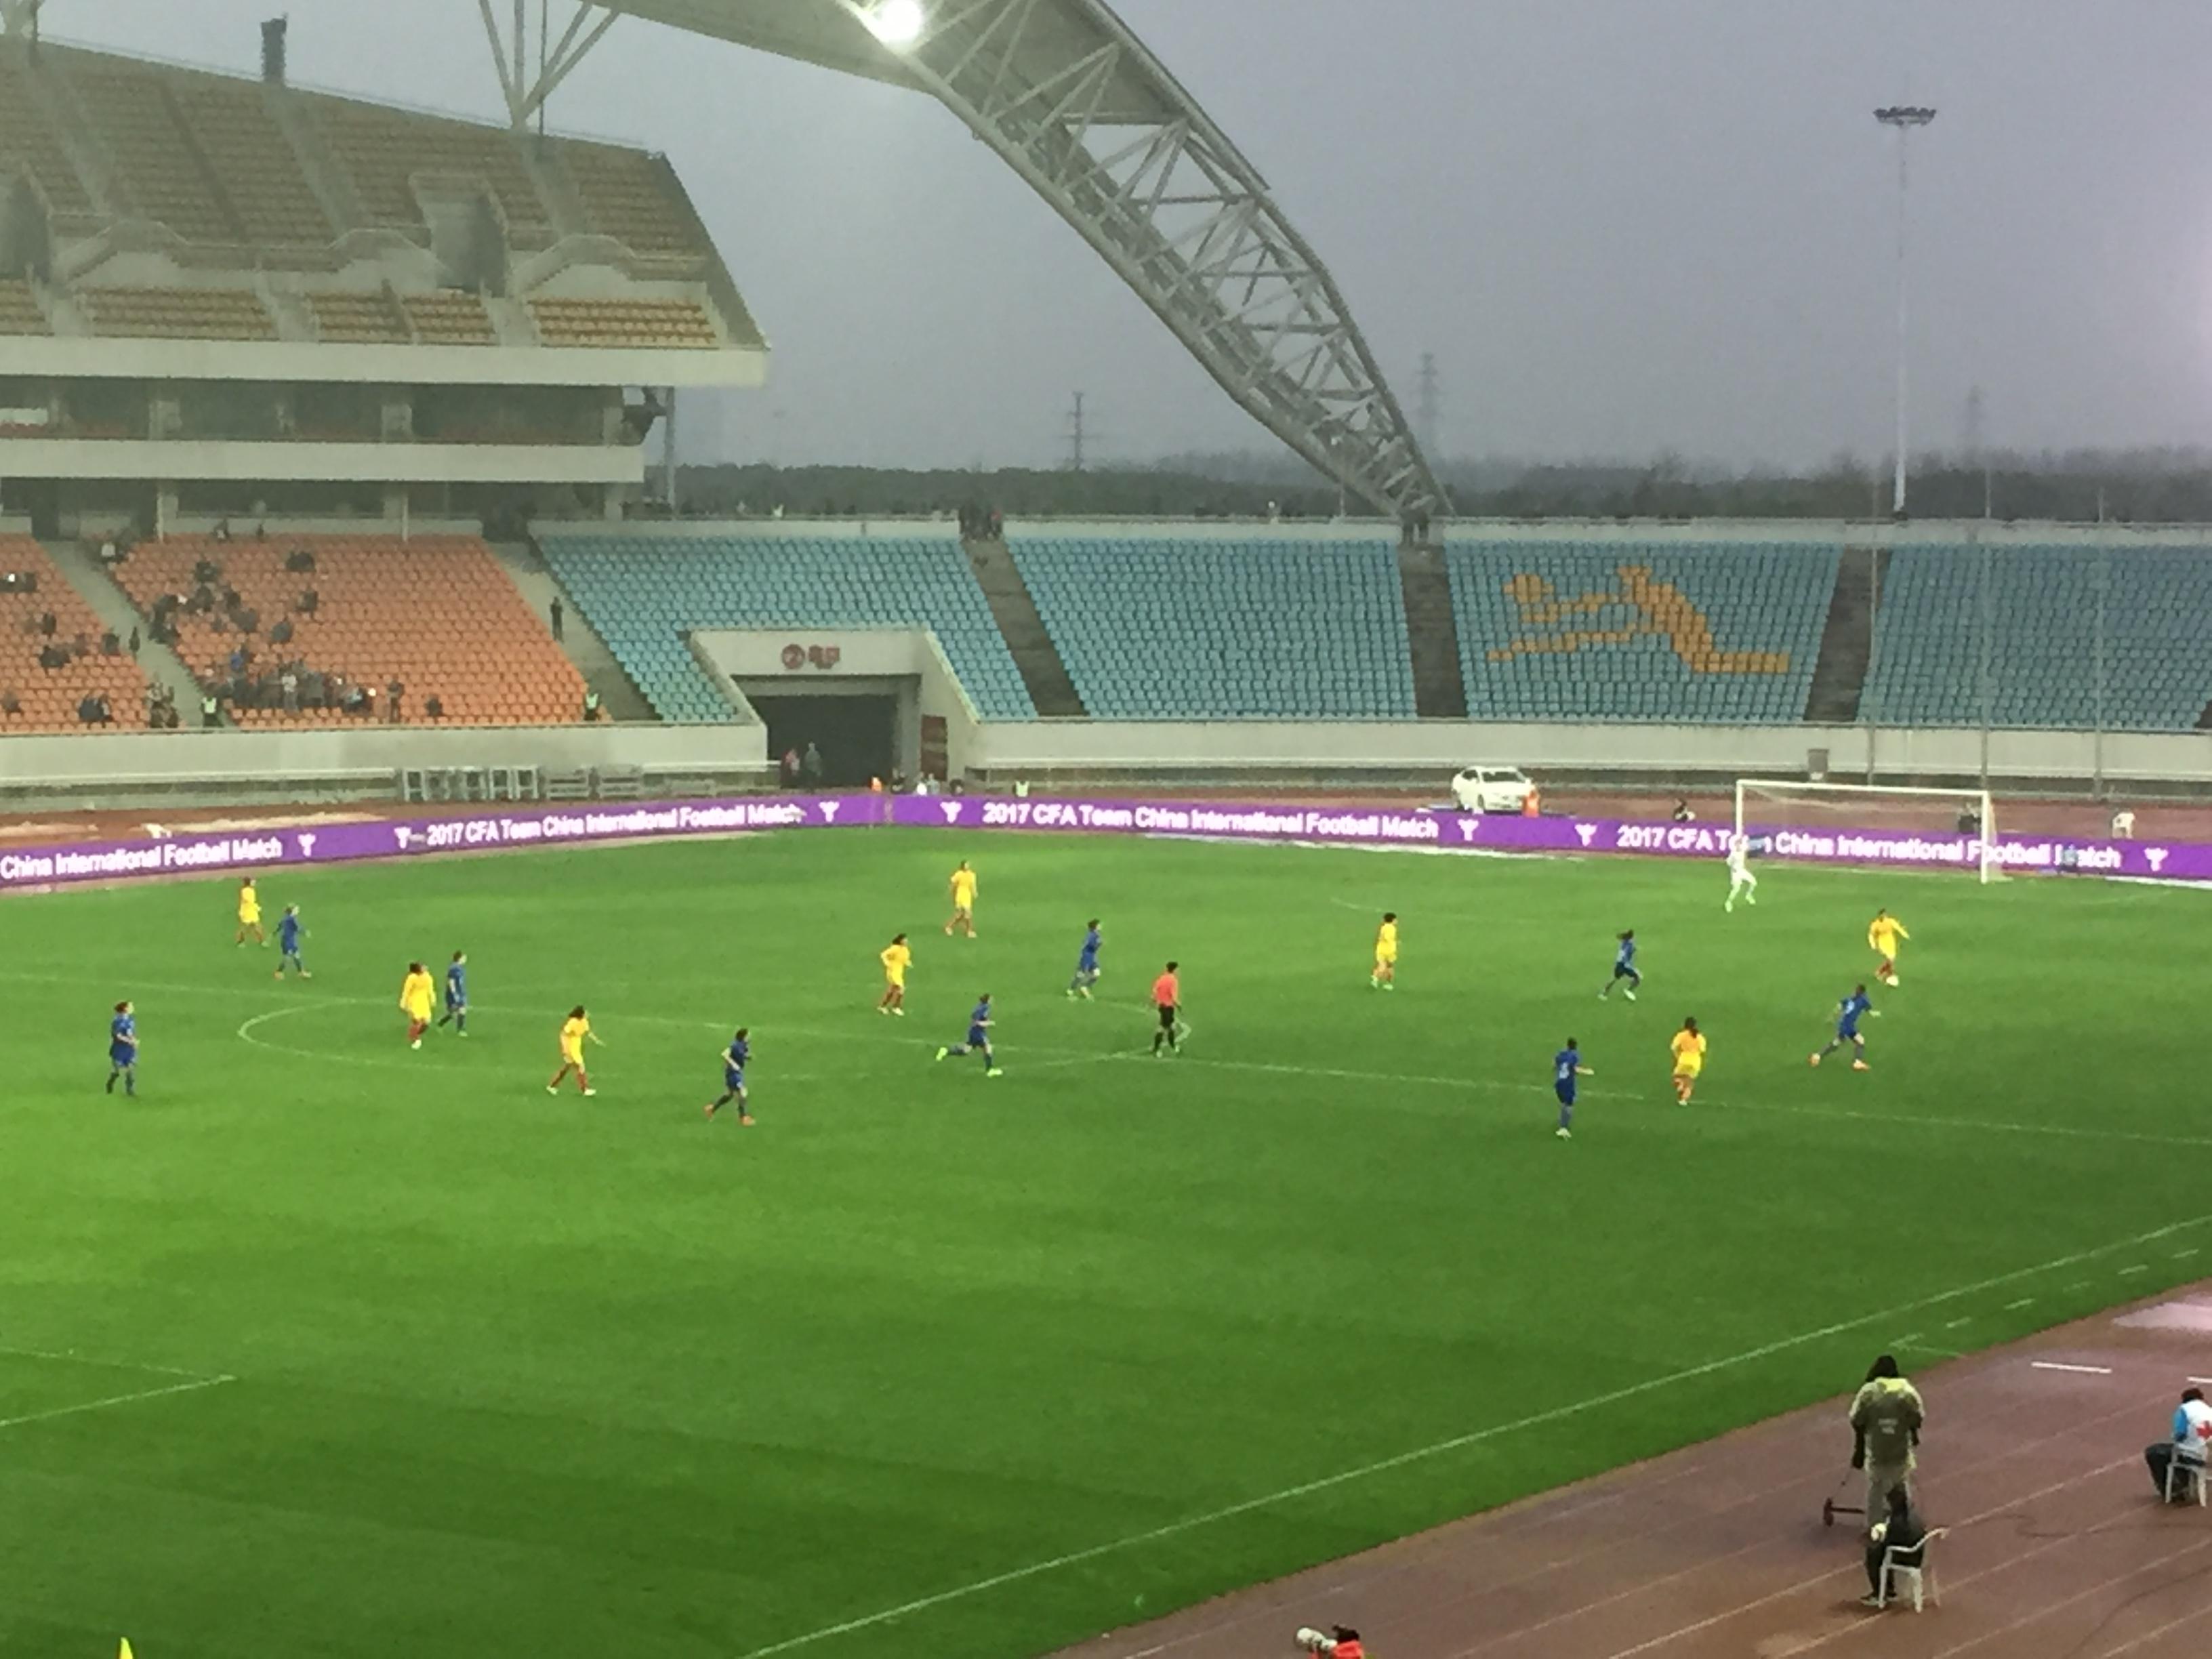 2018女足亚洲杯参赛球队出炉:韩国入围,朝鲜遭